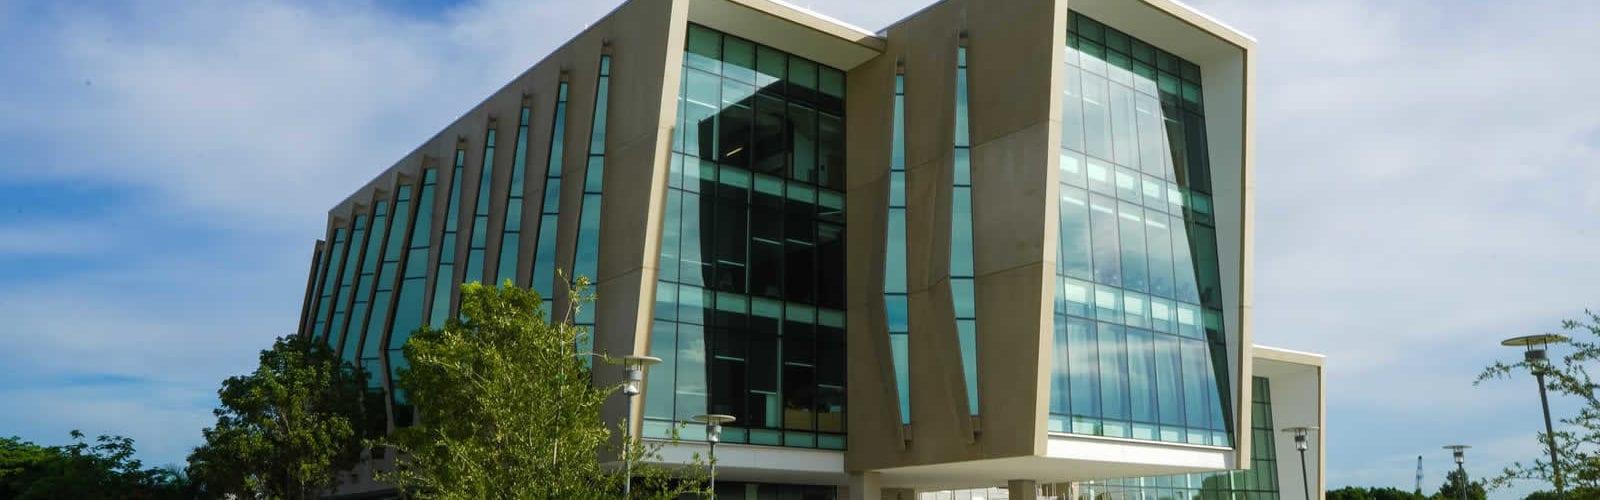 grandes-universites-publiques-fsu-uf-ucf-usf-floride-une